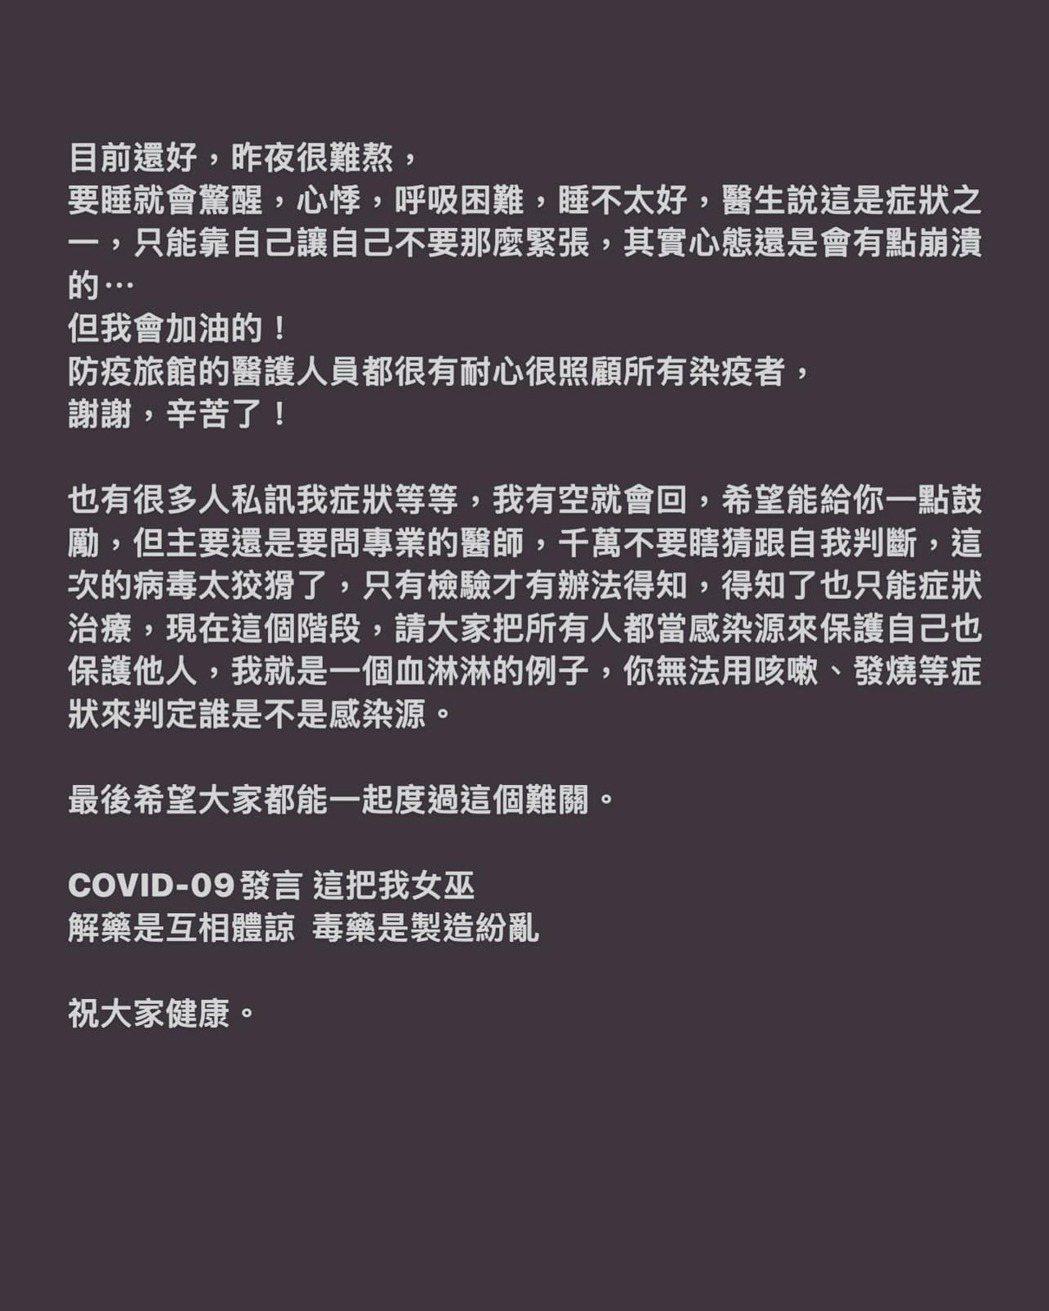 陳零九報告近況。 圖/擷自陳零九臉書